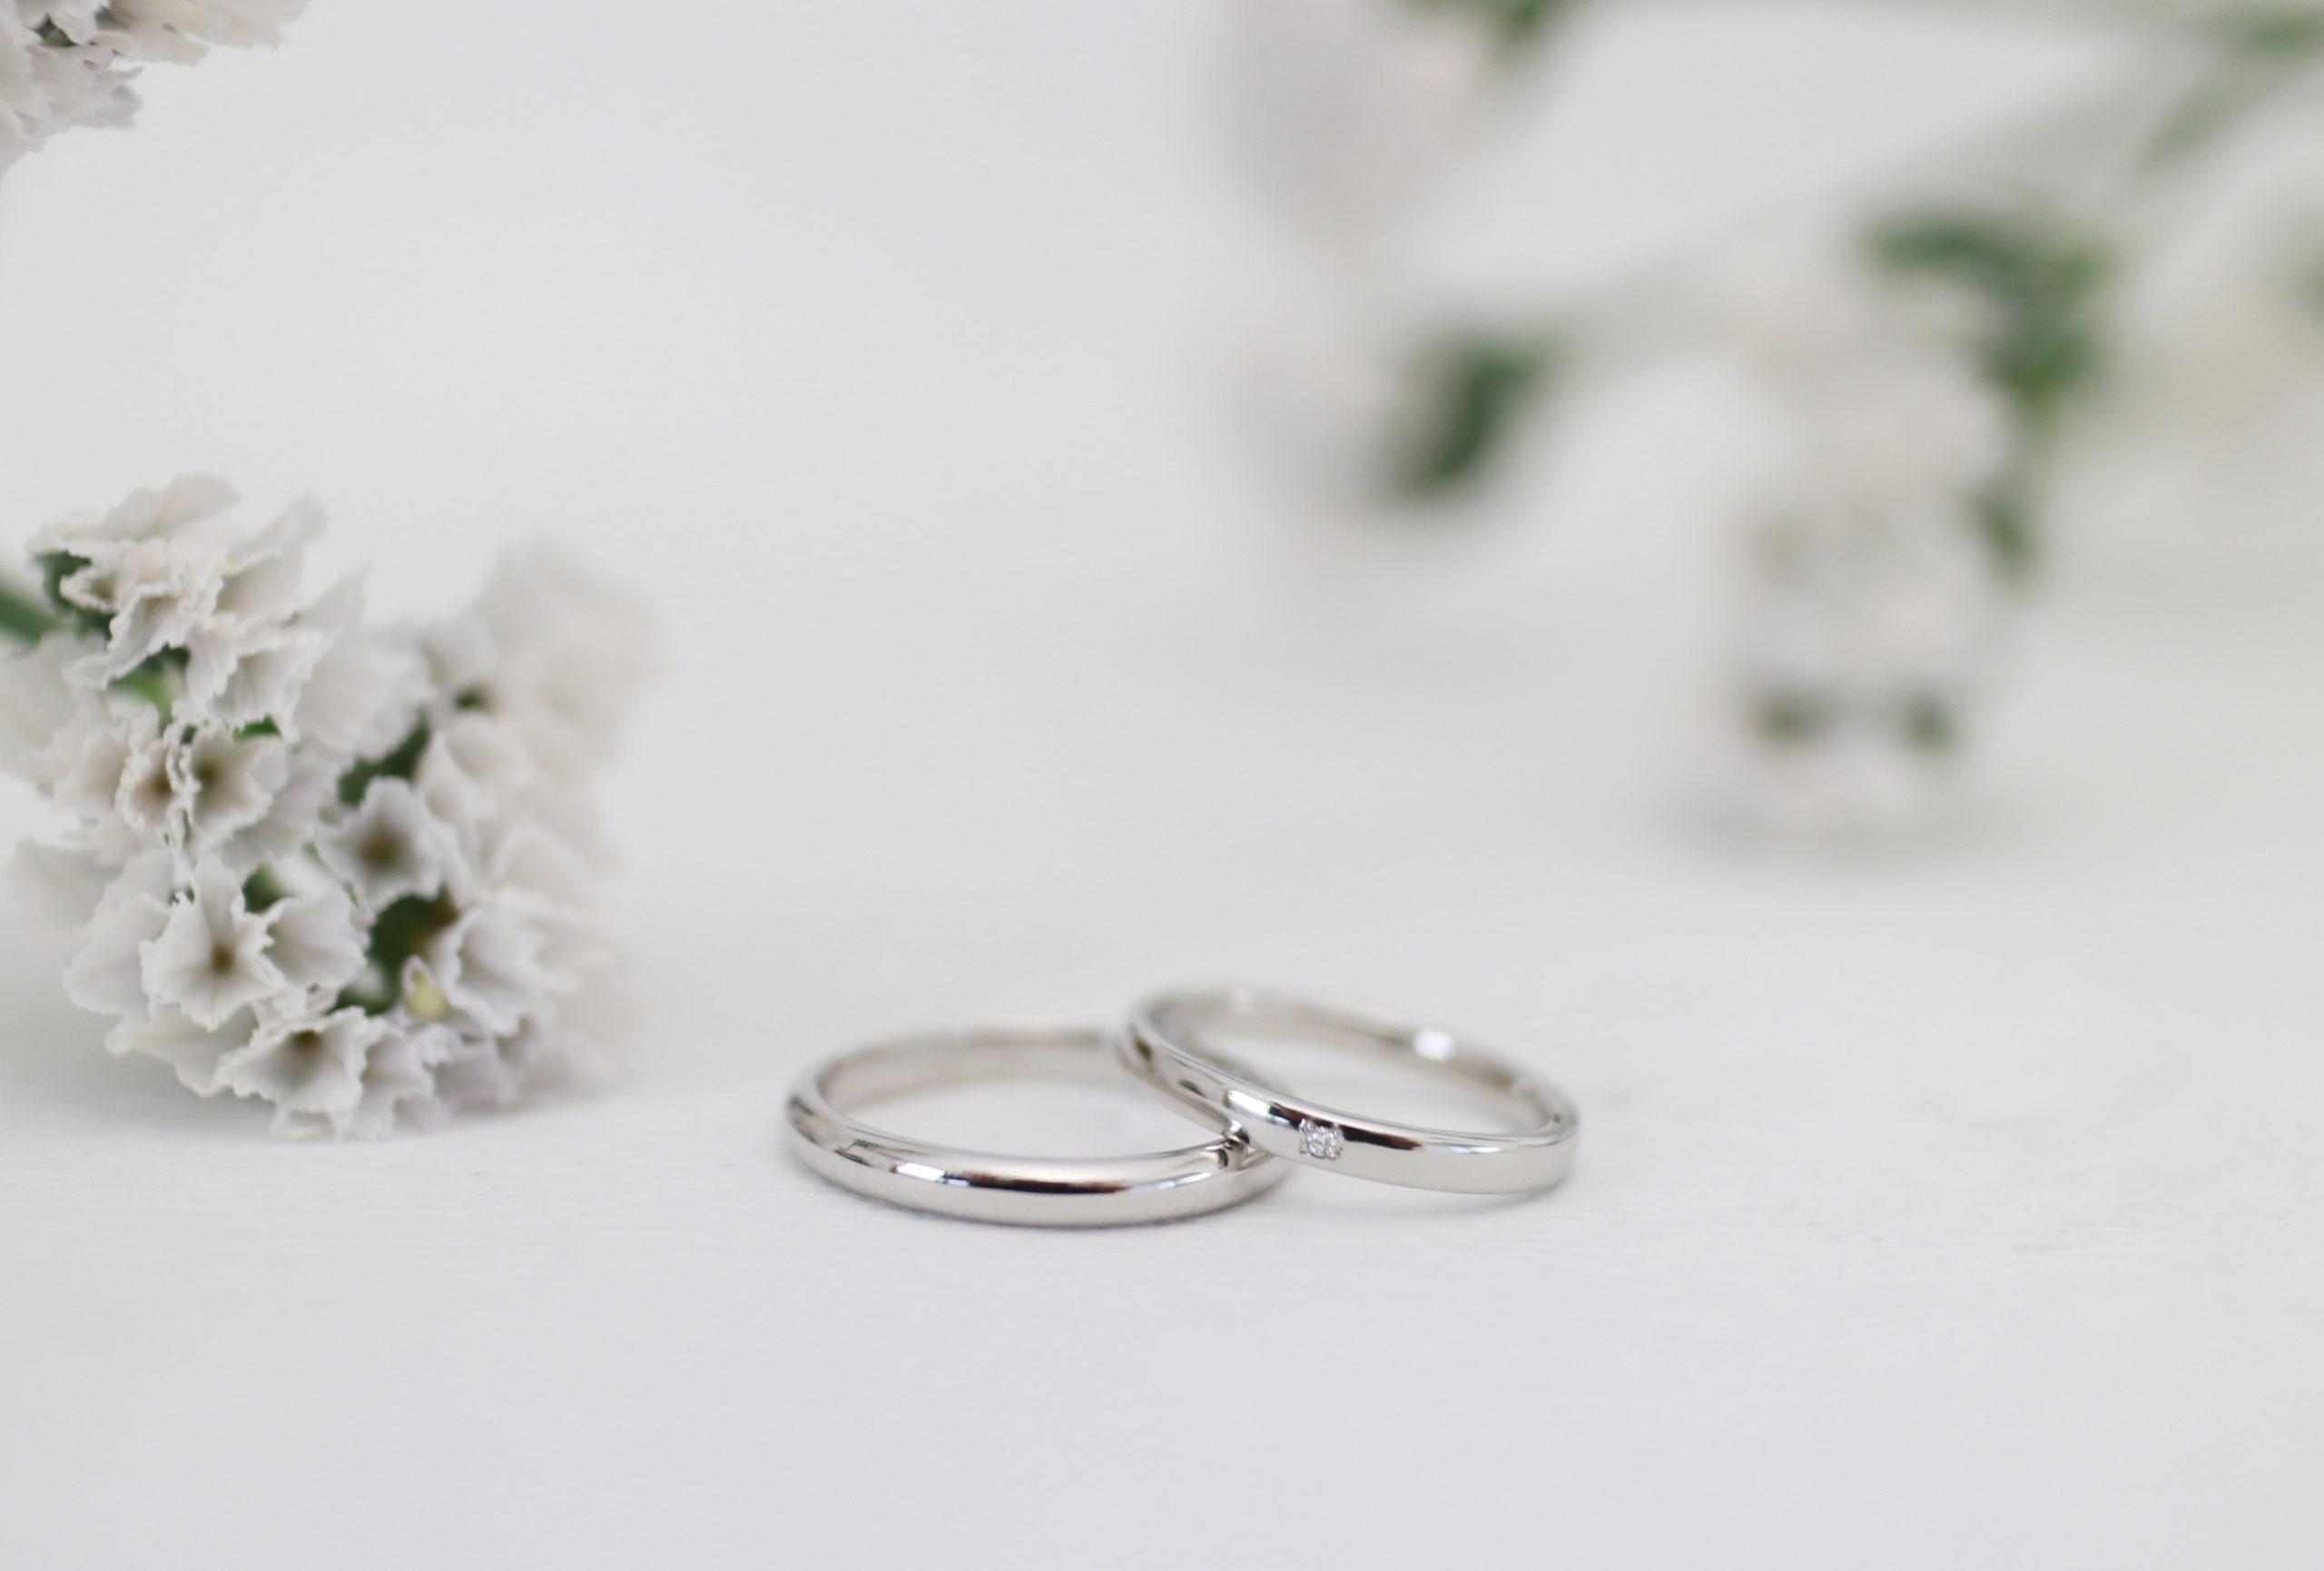 柔らかな雰囲気の手作り結婚指輪